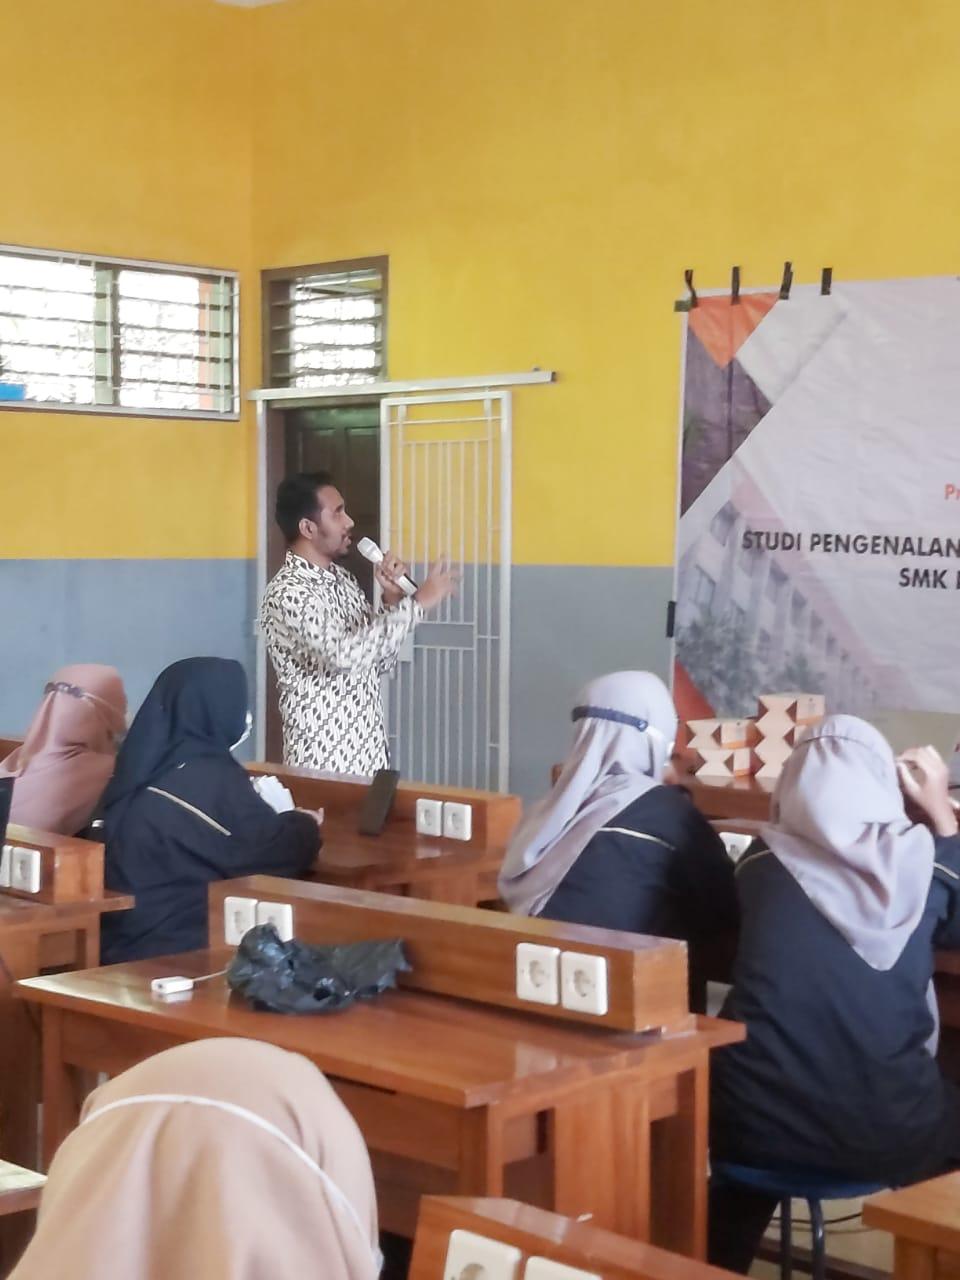 Dosen PHB Berikan Seminar dan Pelatihan Artificial Intelligence di SMK Nurul Islam Larangan